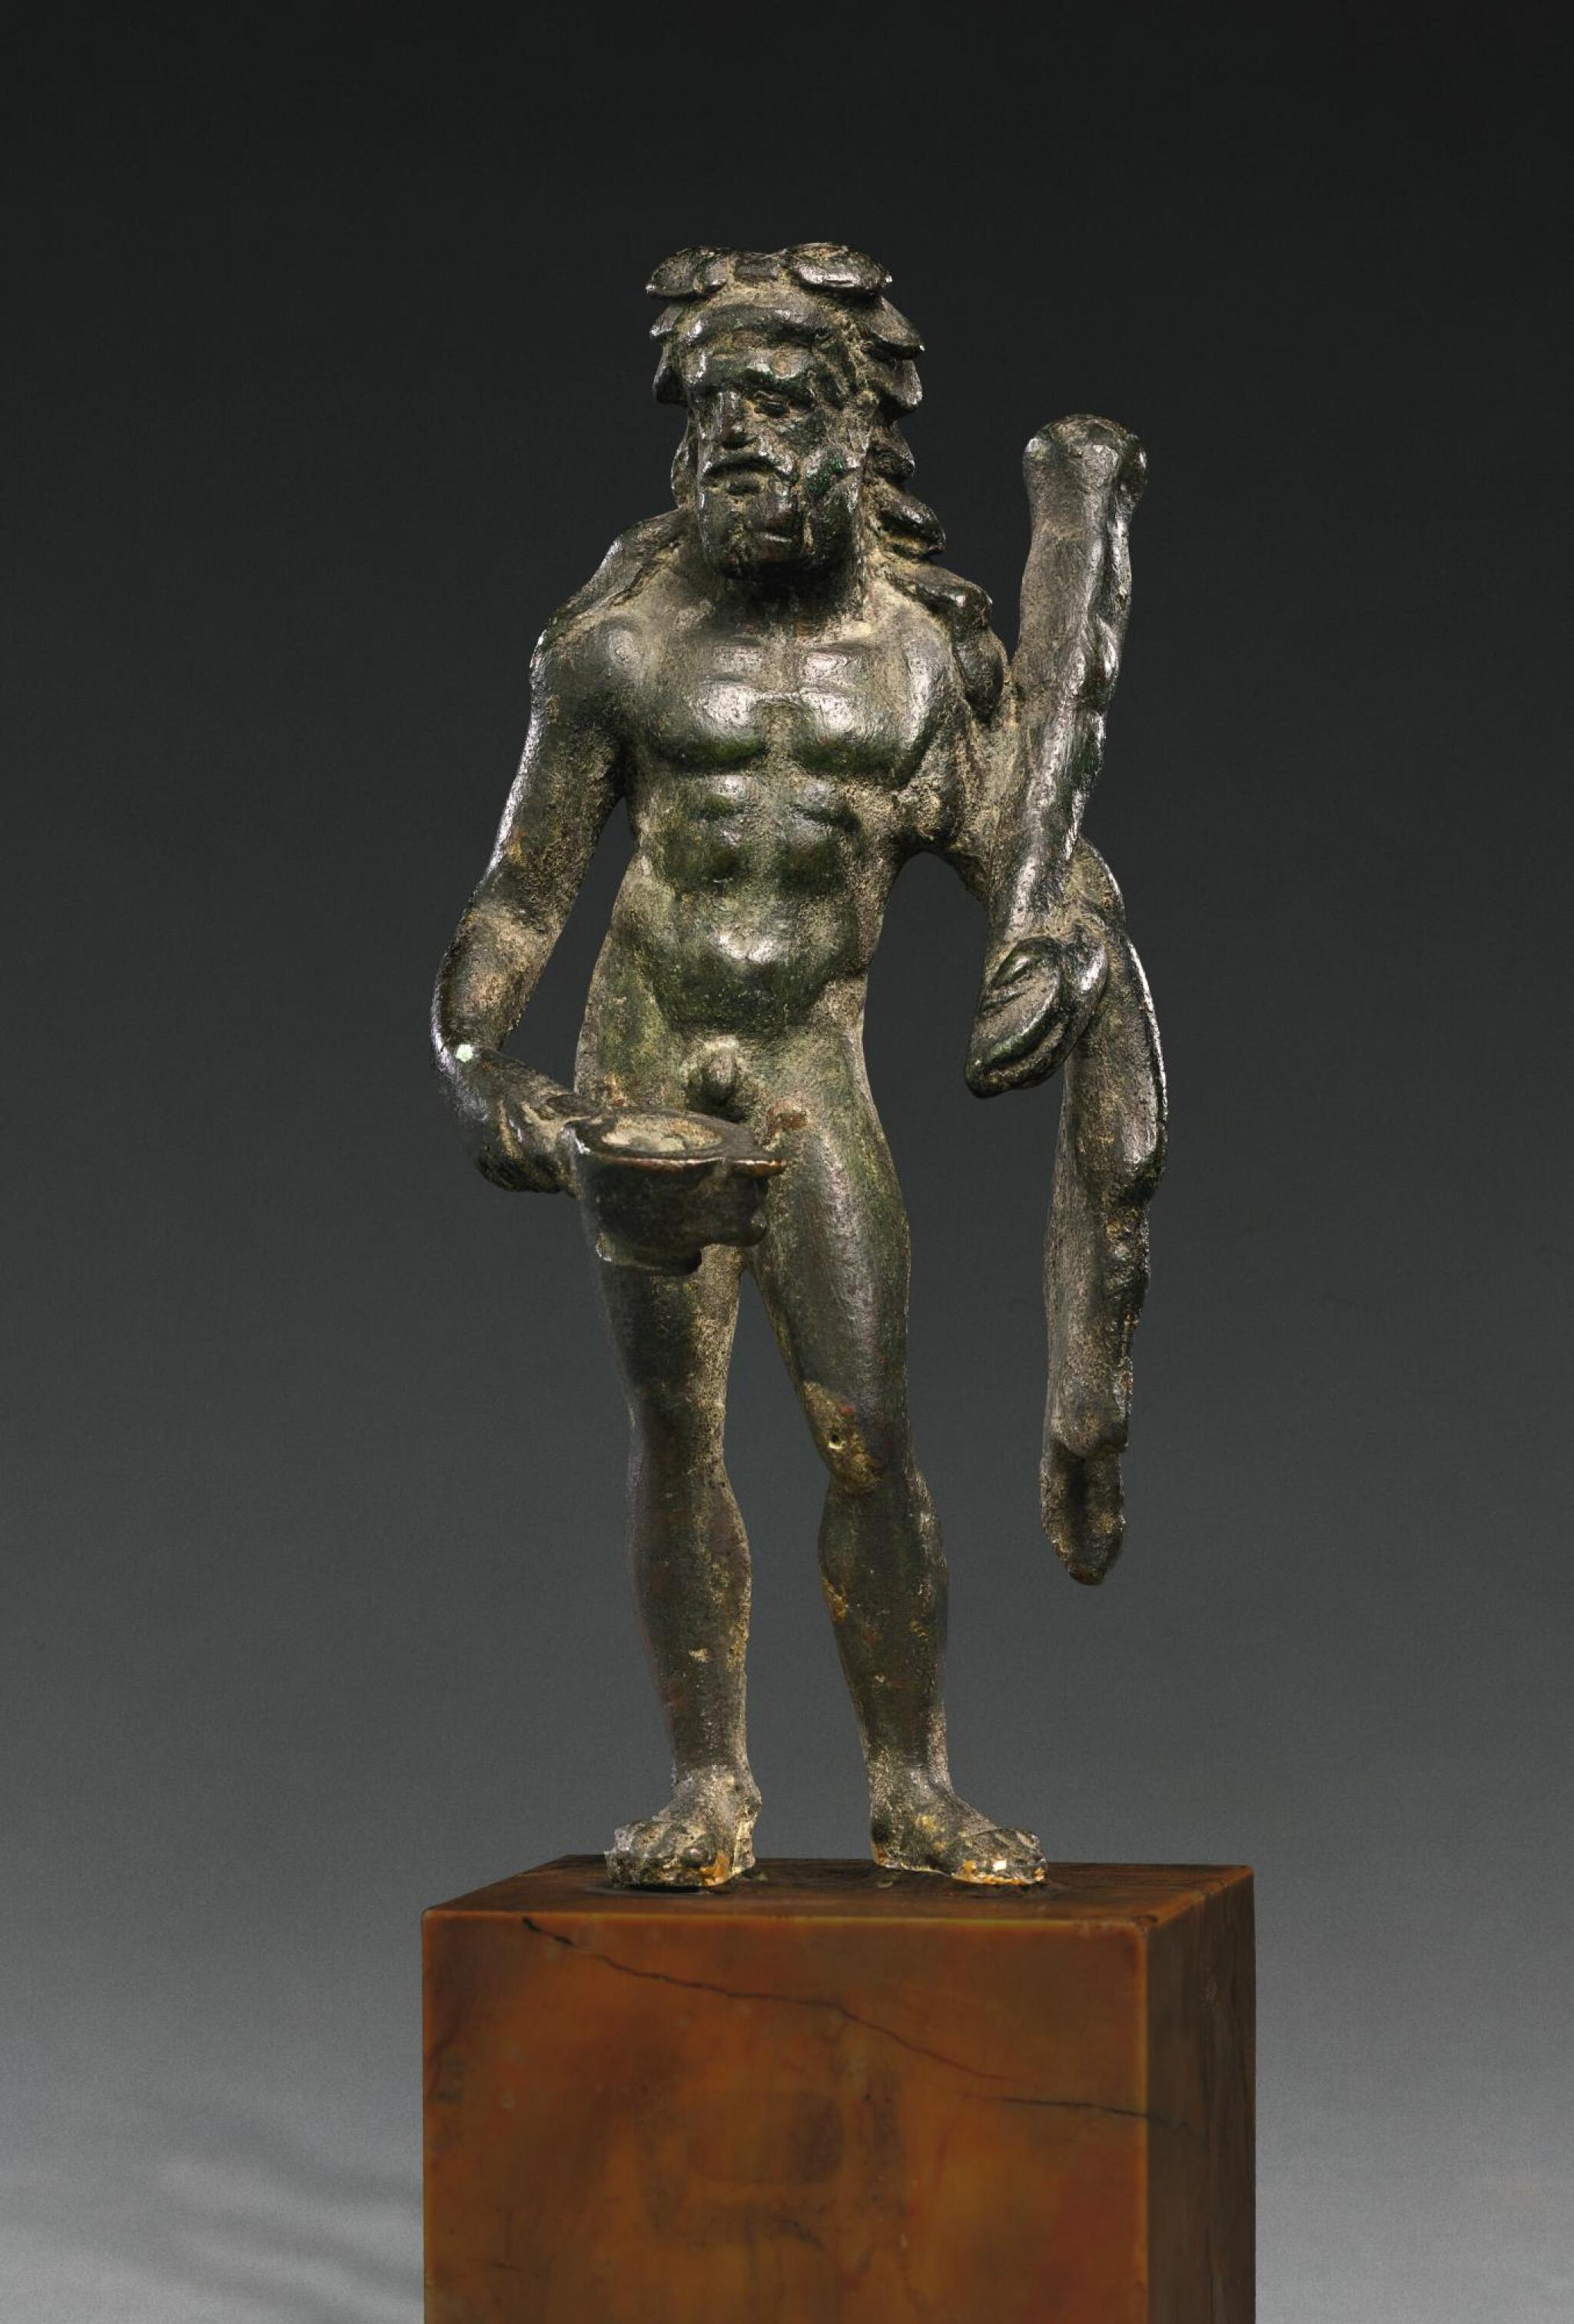 A ROMAN BRONZE FIGURE OF HERAKLES BIBAX, CIRCA 1ST CENTURY A.D.